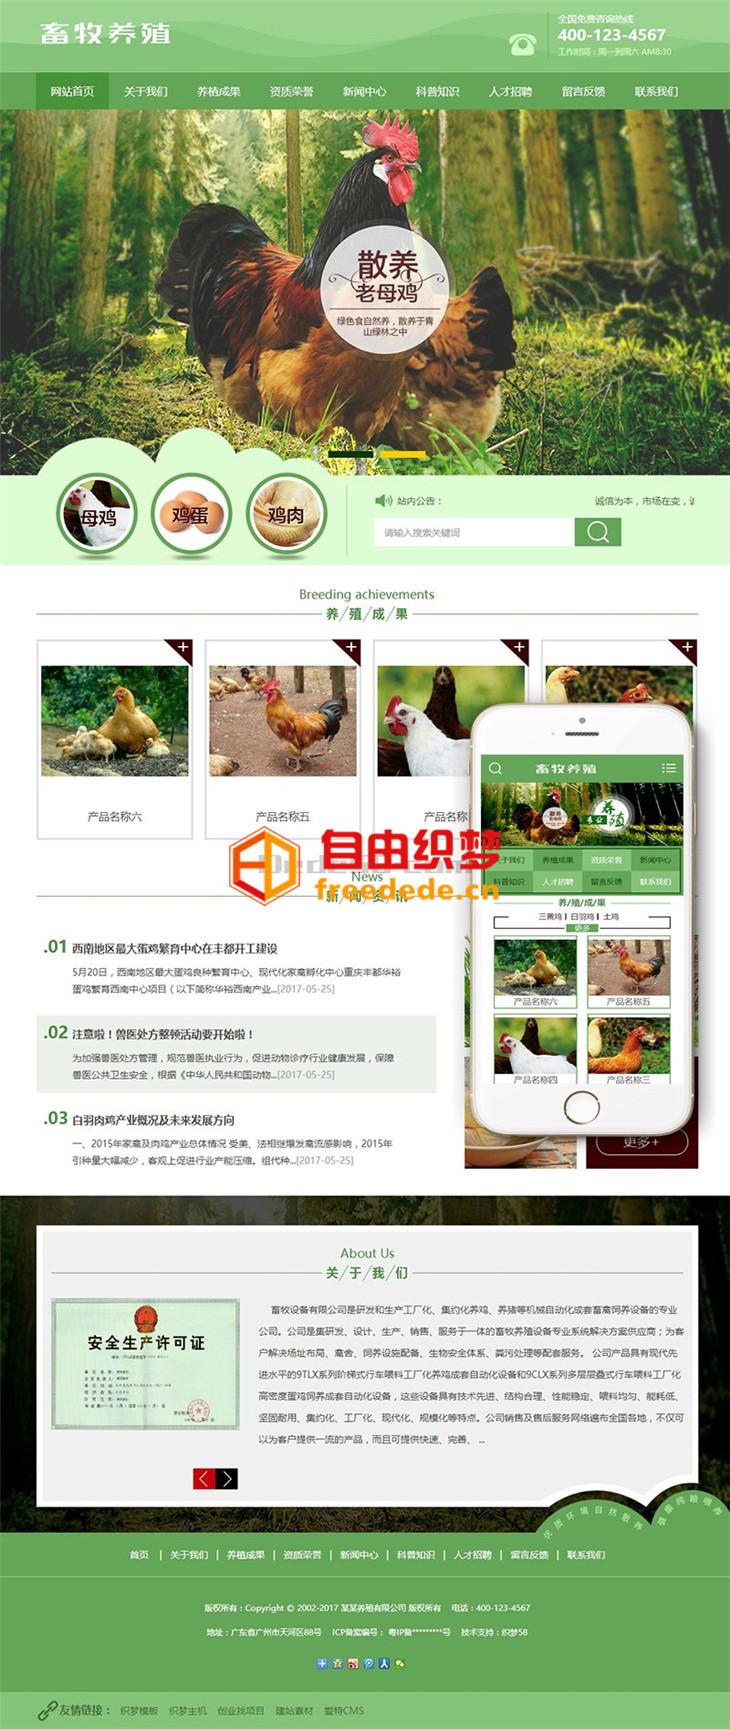 爱上源码网文章营销型家禽畜牧养殖类网站织梦模板(带手机端)整站源码下载的内容插图